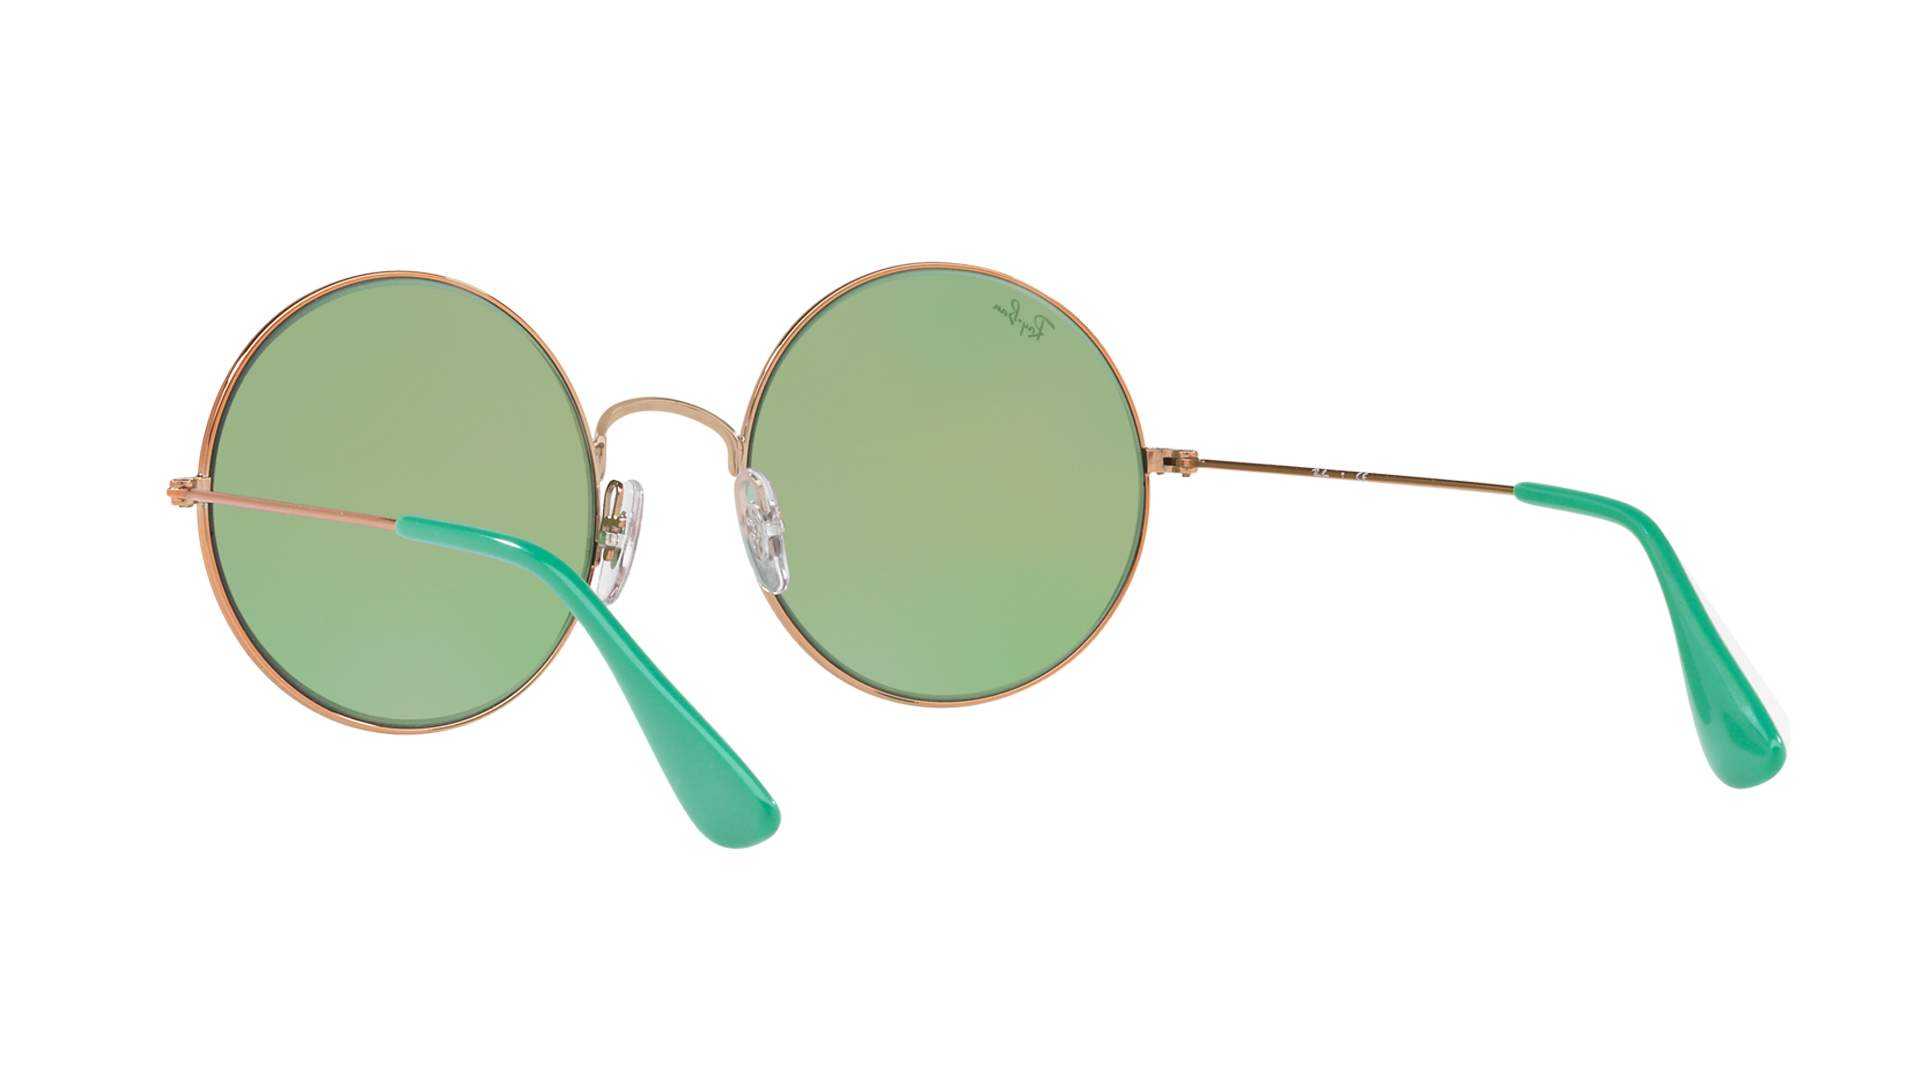 67ccedb0c42 Sunglasses Ray-Ban Ja-jo Gold RB3592 9035 C7 50-20 Medium